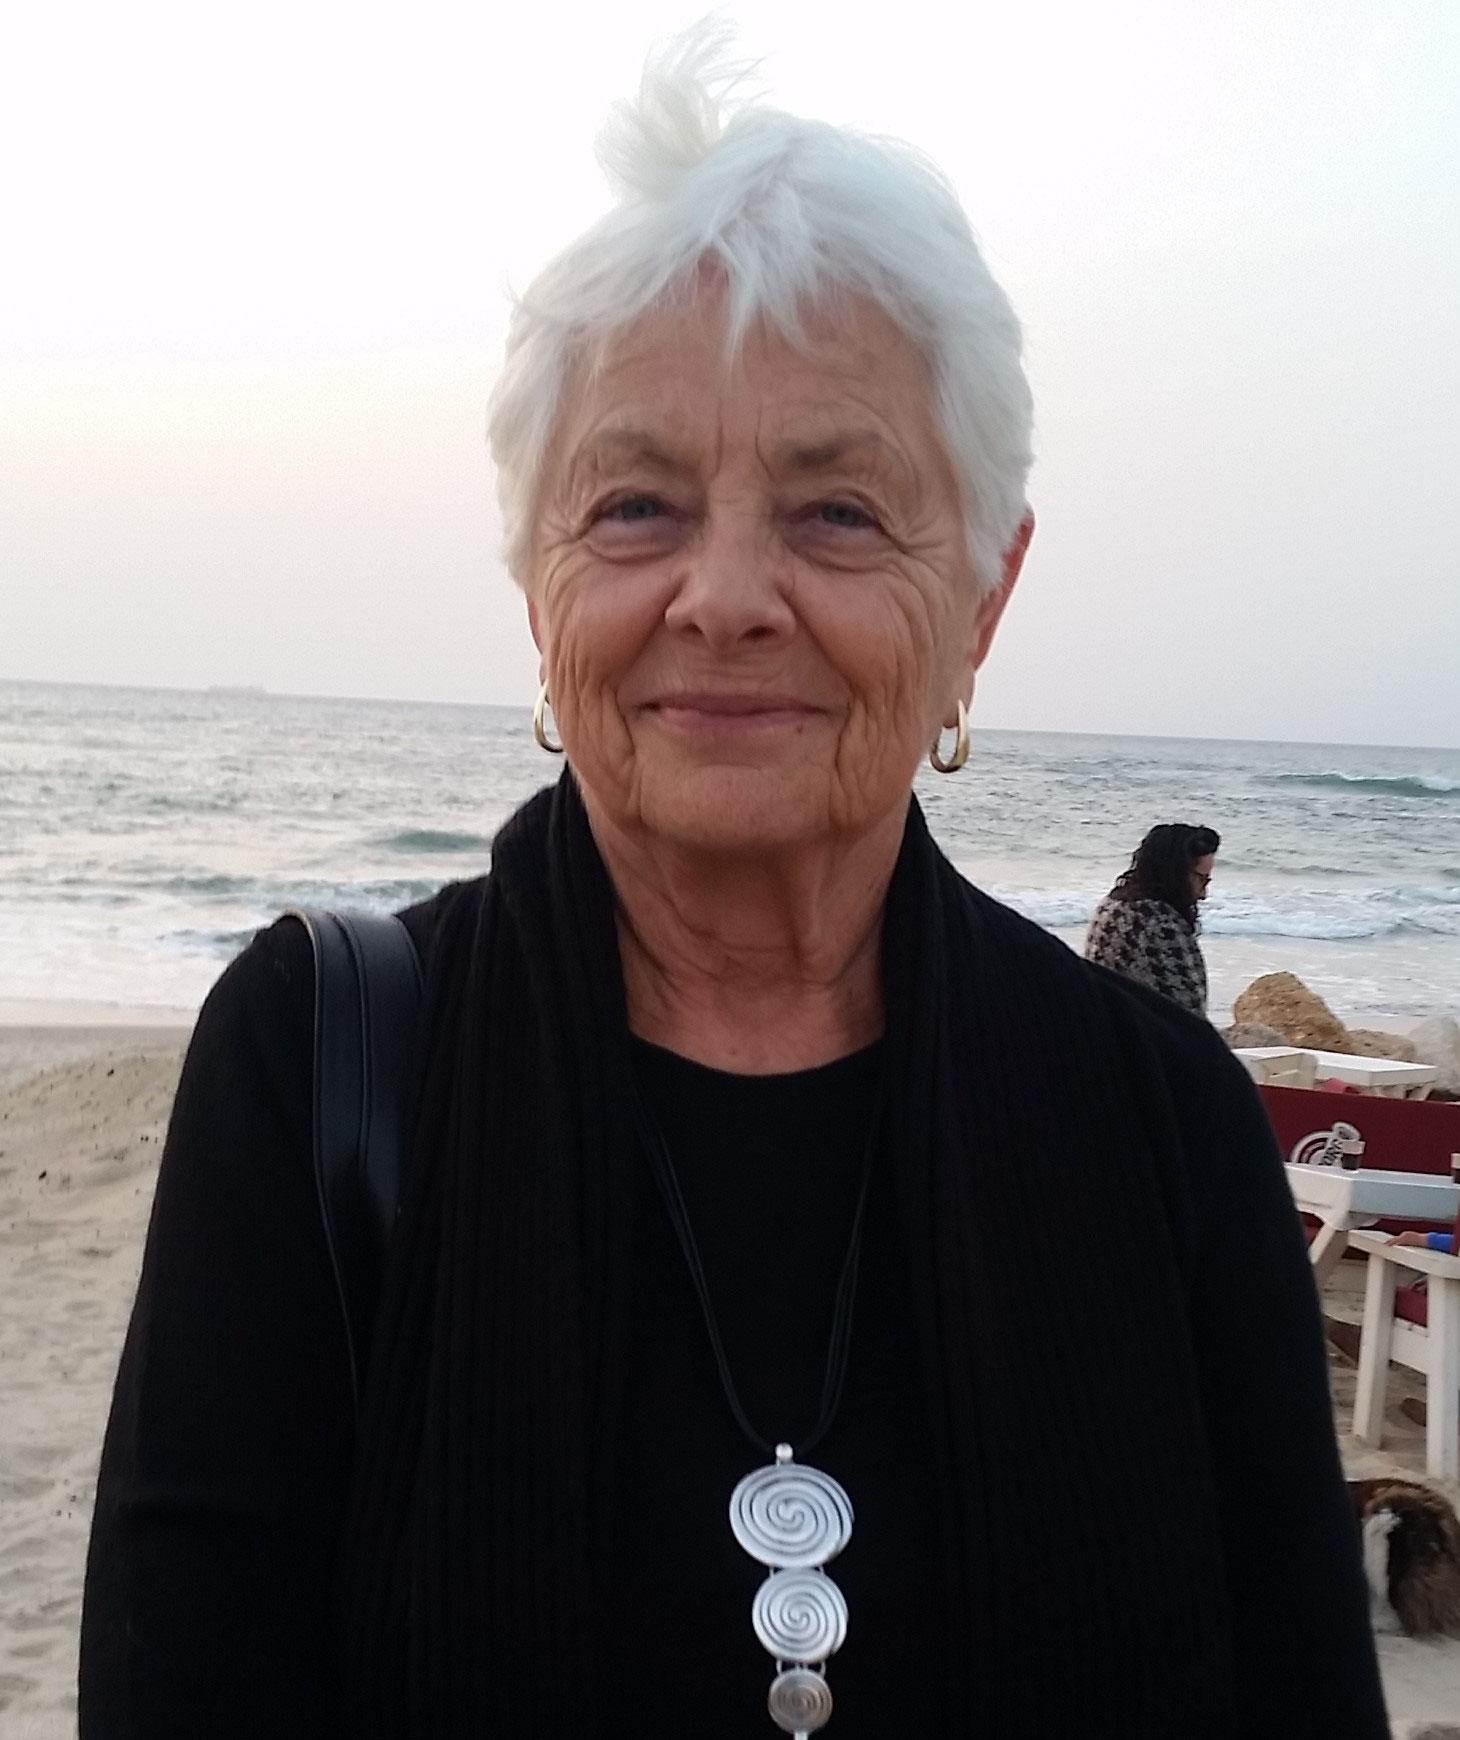 אסתר הרצוג צלום רותי ברמן